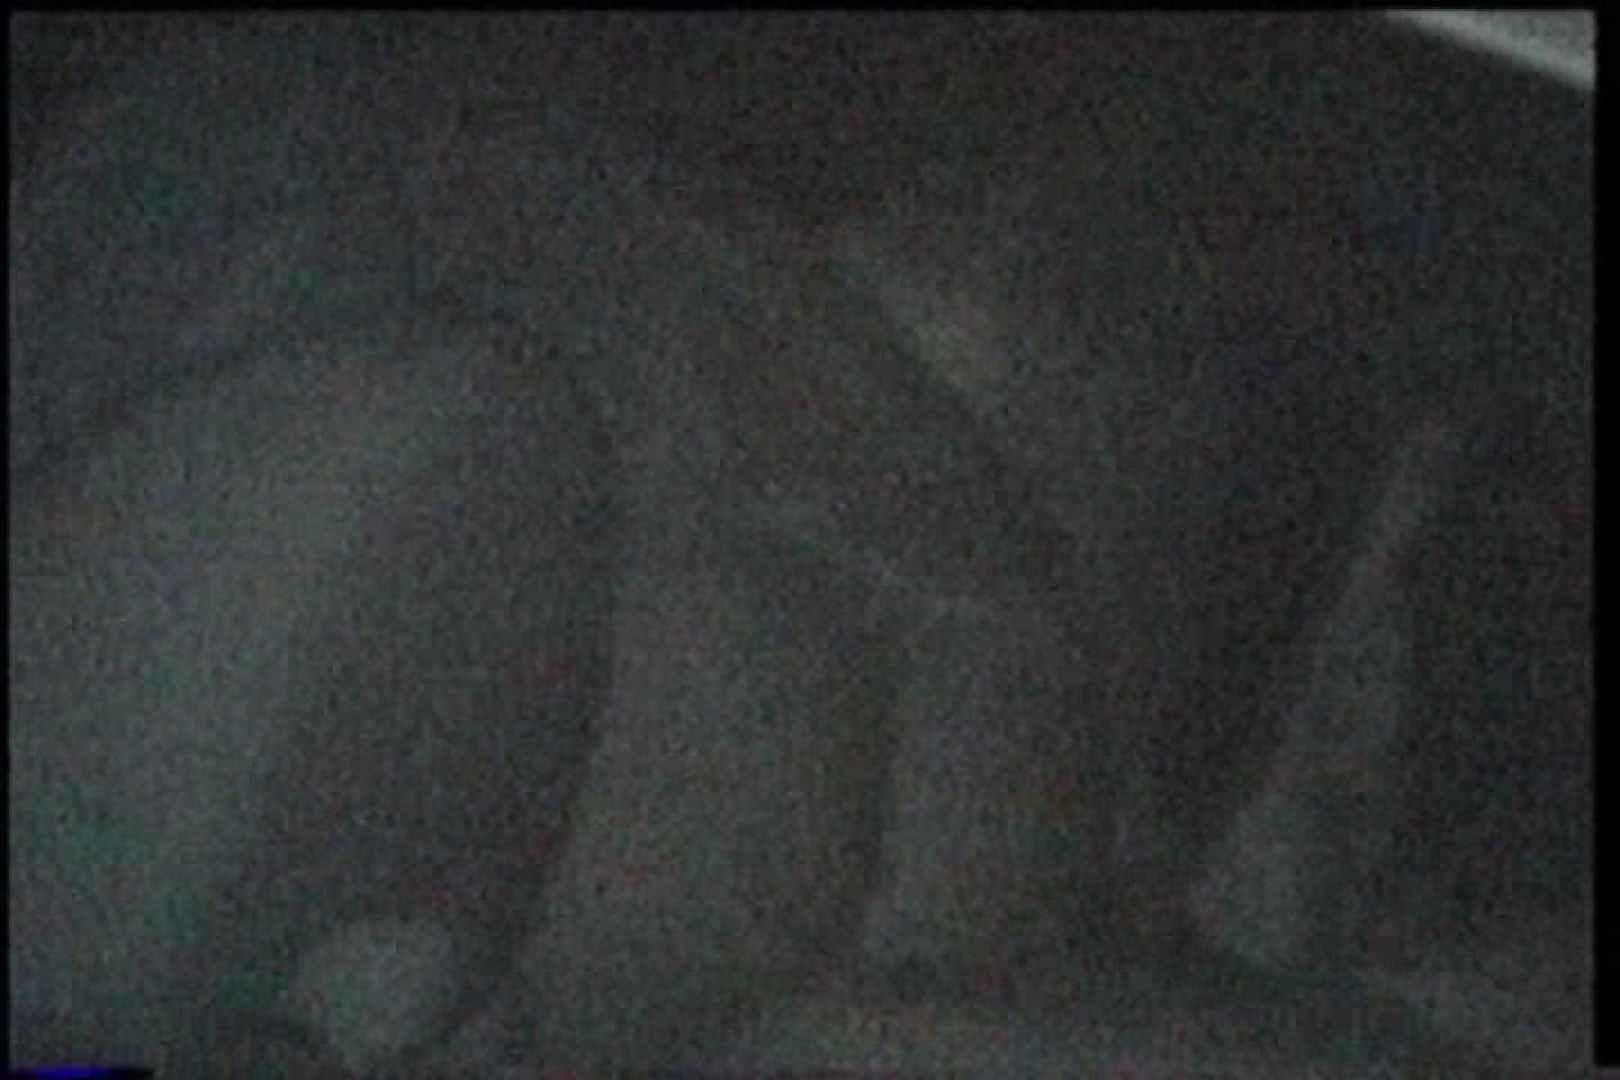 充血監督の深夜の運動会Vol.193 カップル オマンコ動画キャプチャ 105連発 19